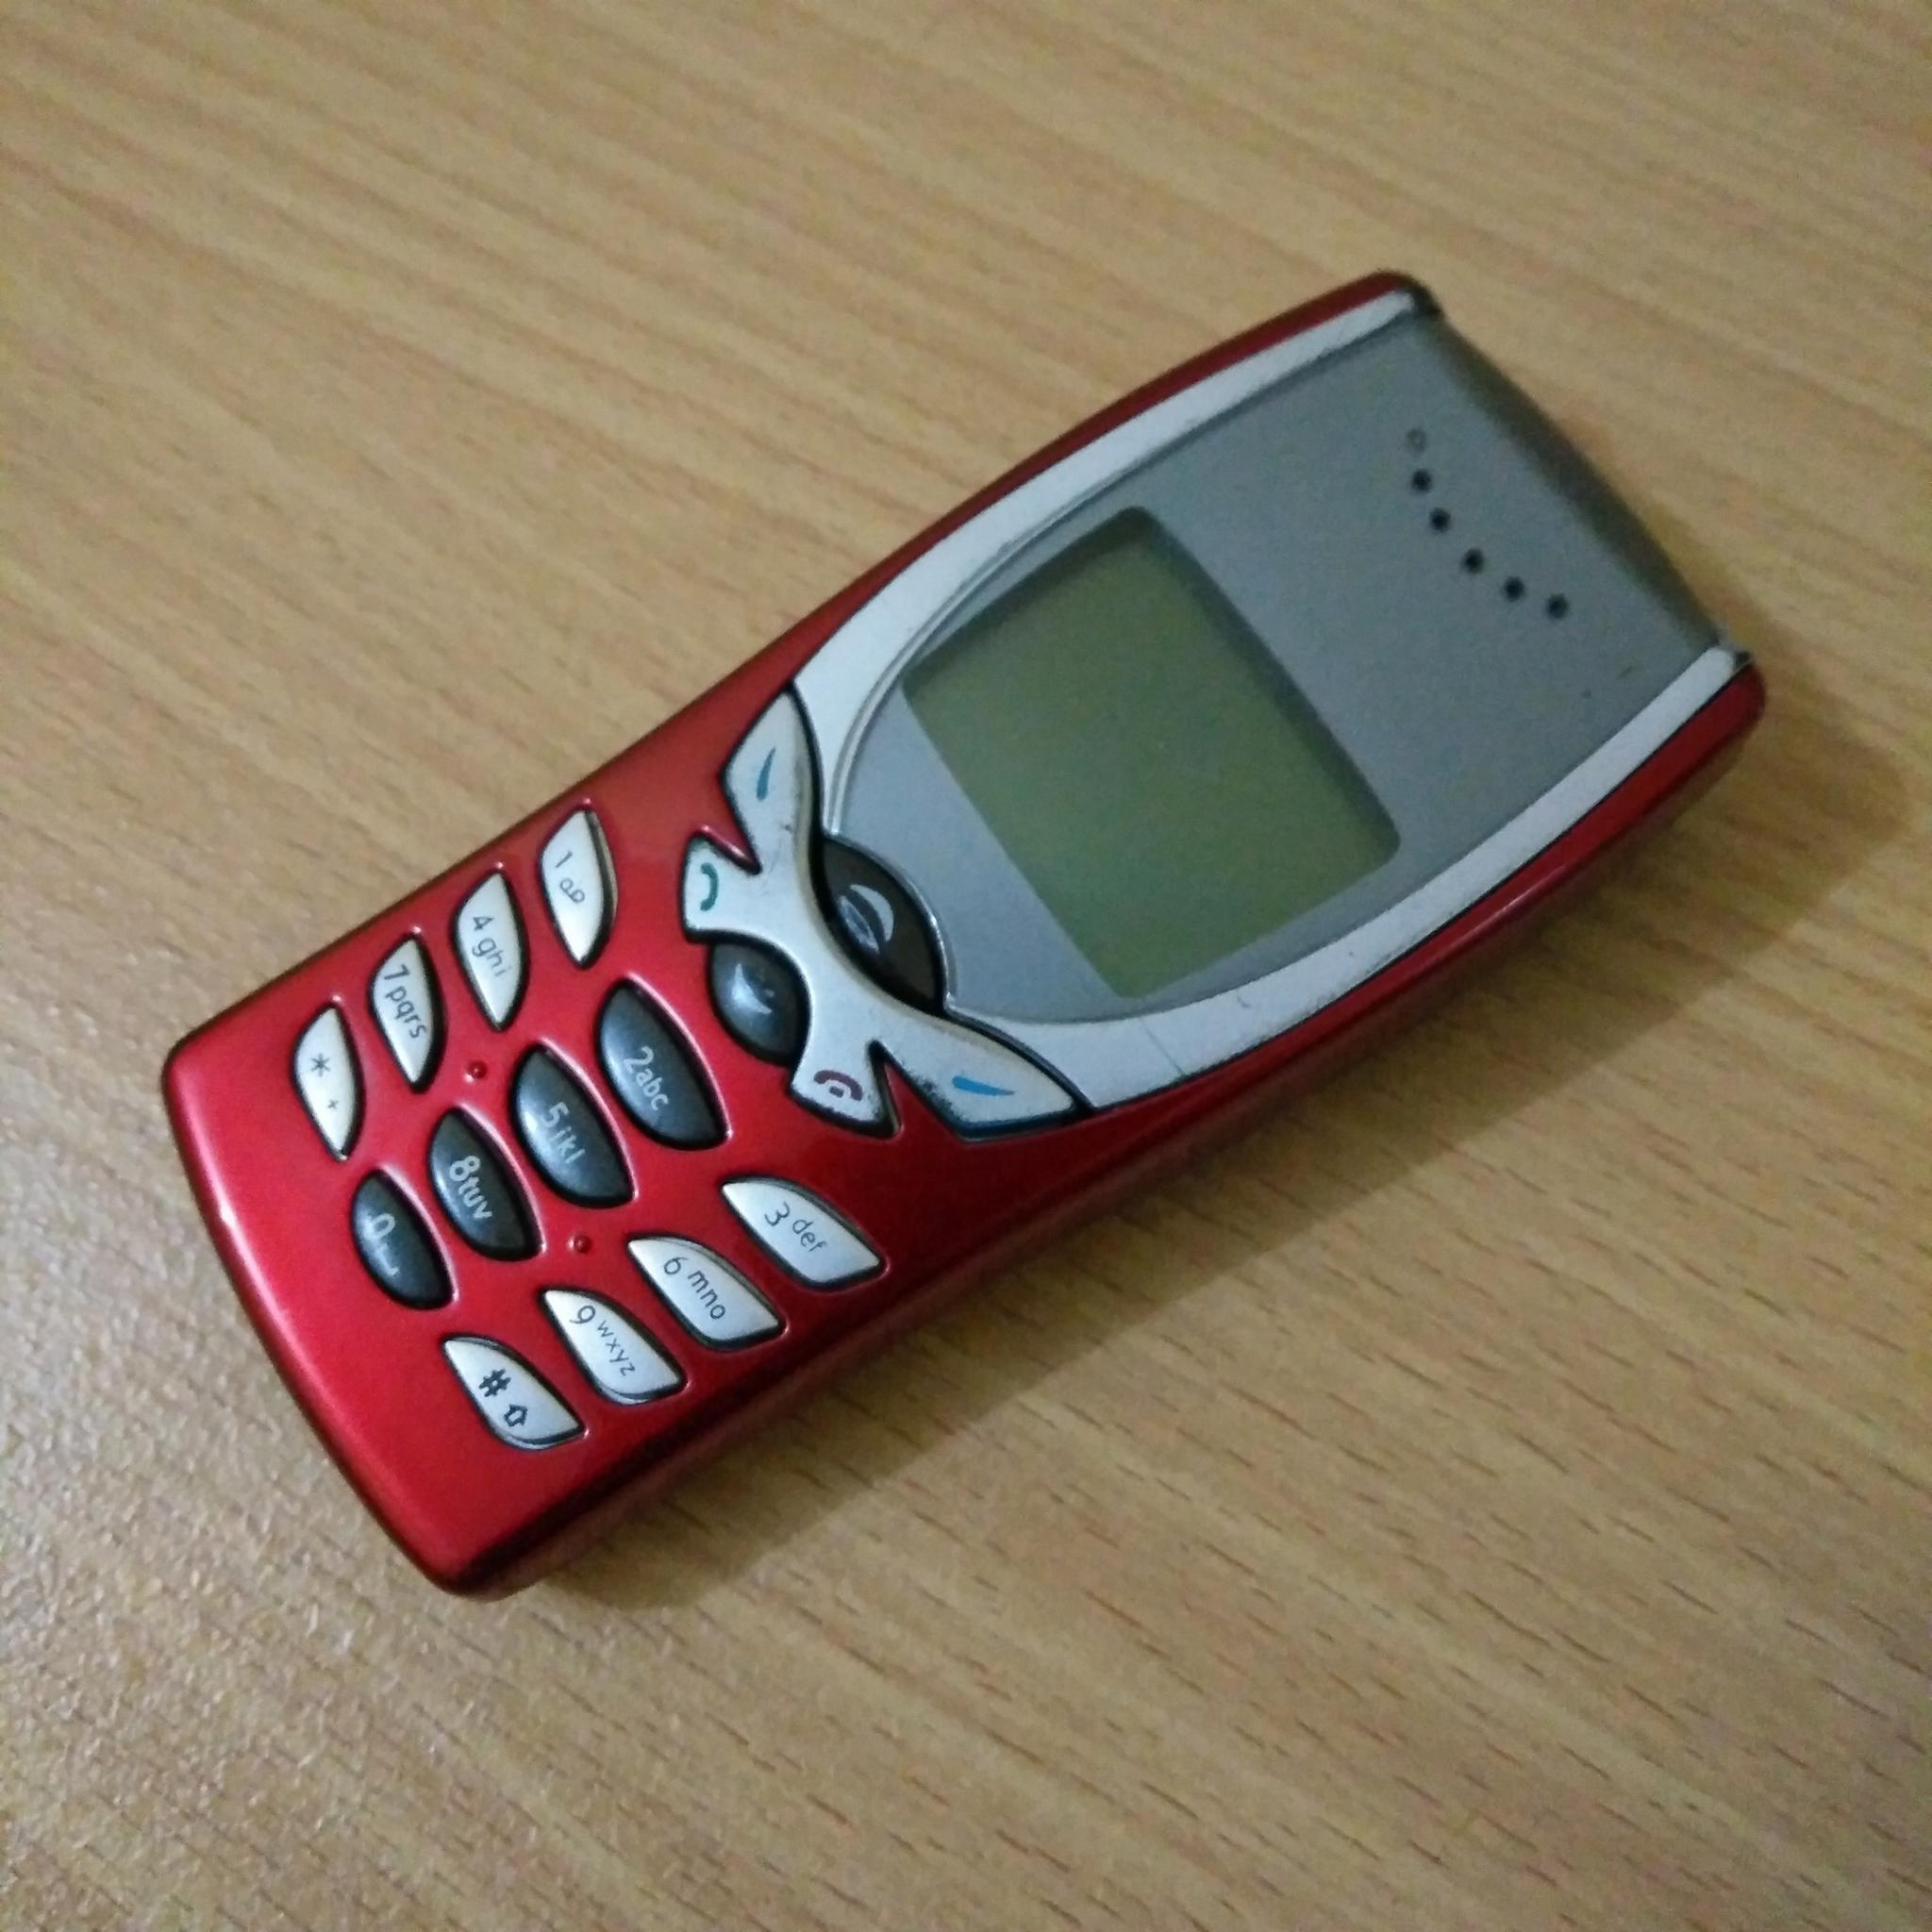 Nokia 8250 màu đỏ điện thoại nguyên zin hàng chính hãng - Mã số V012